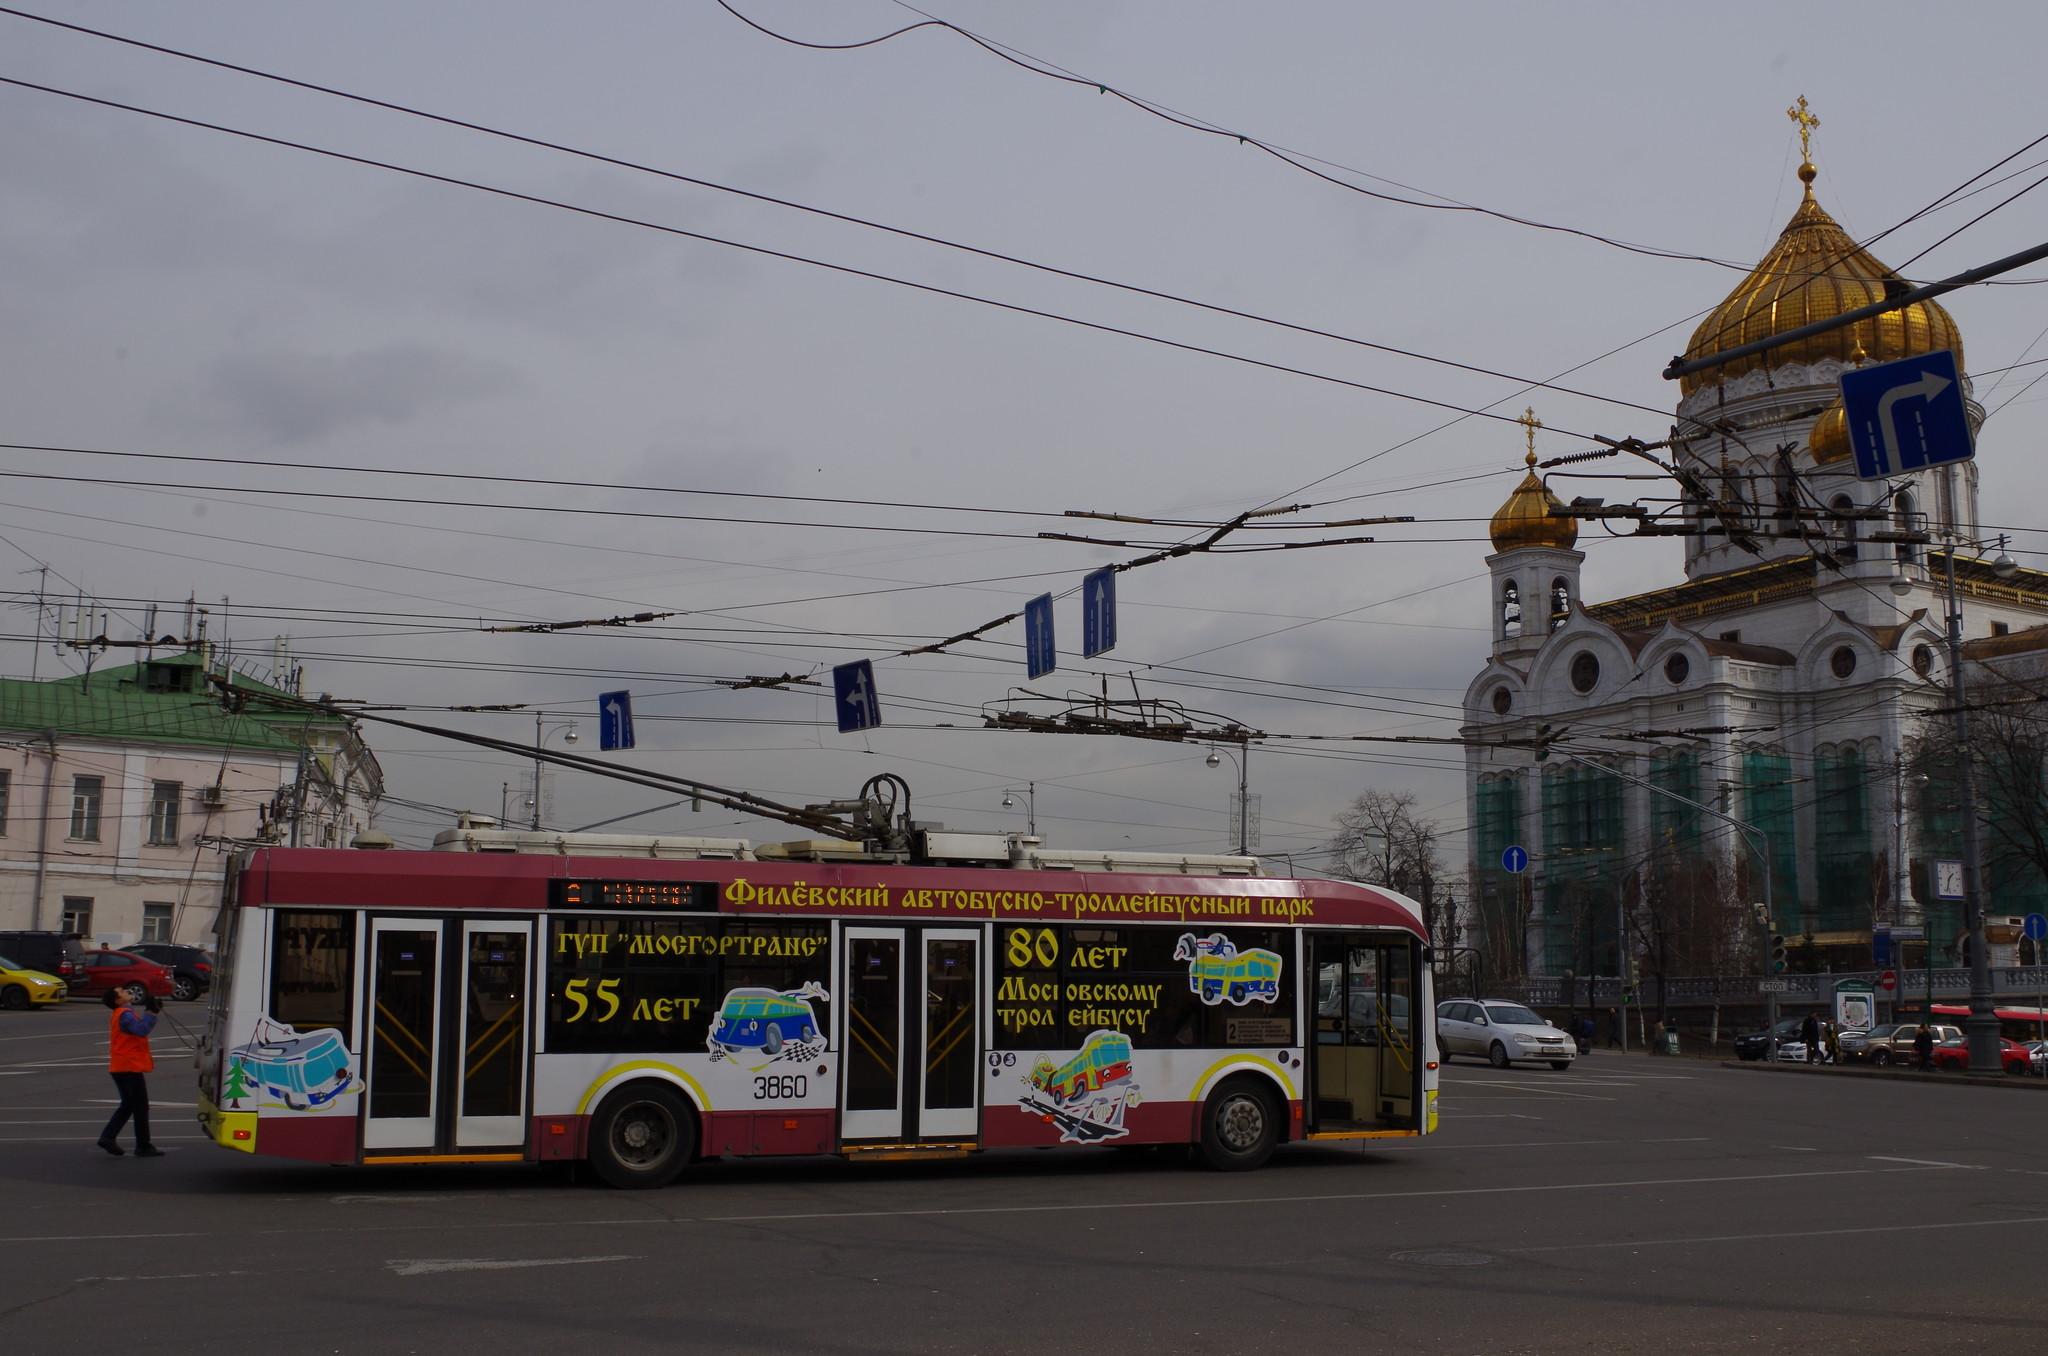 Троллейбус на Гоголевском бульваре